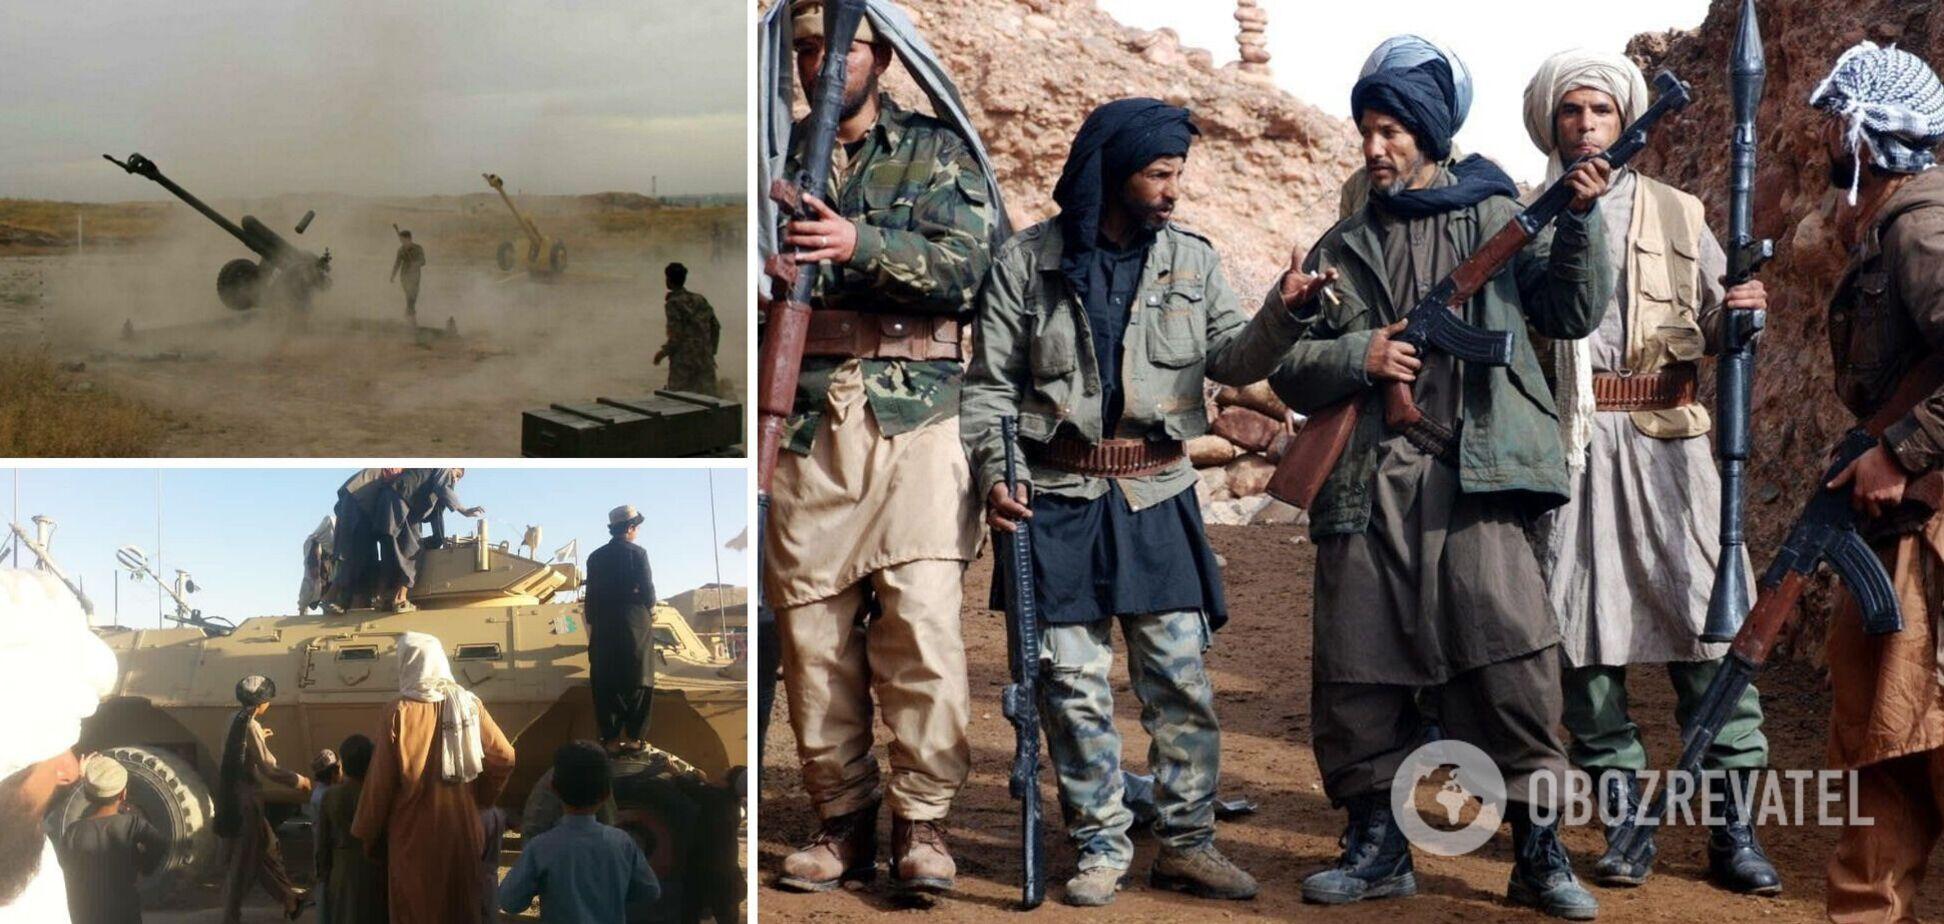 Талибы после ожесточенных боев захватили ключевой город на севере Афганистана – СМИ